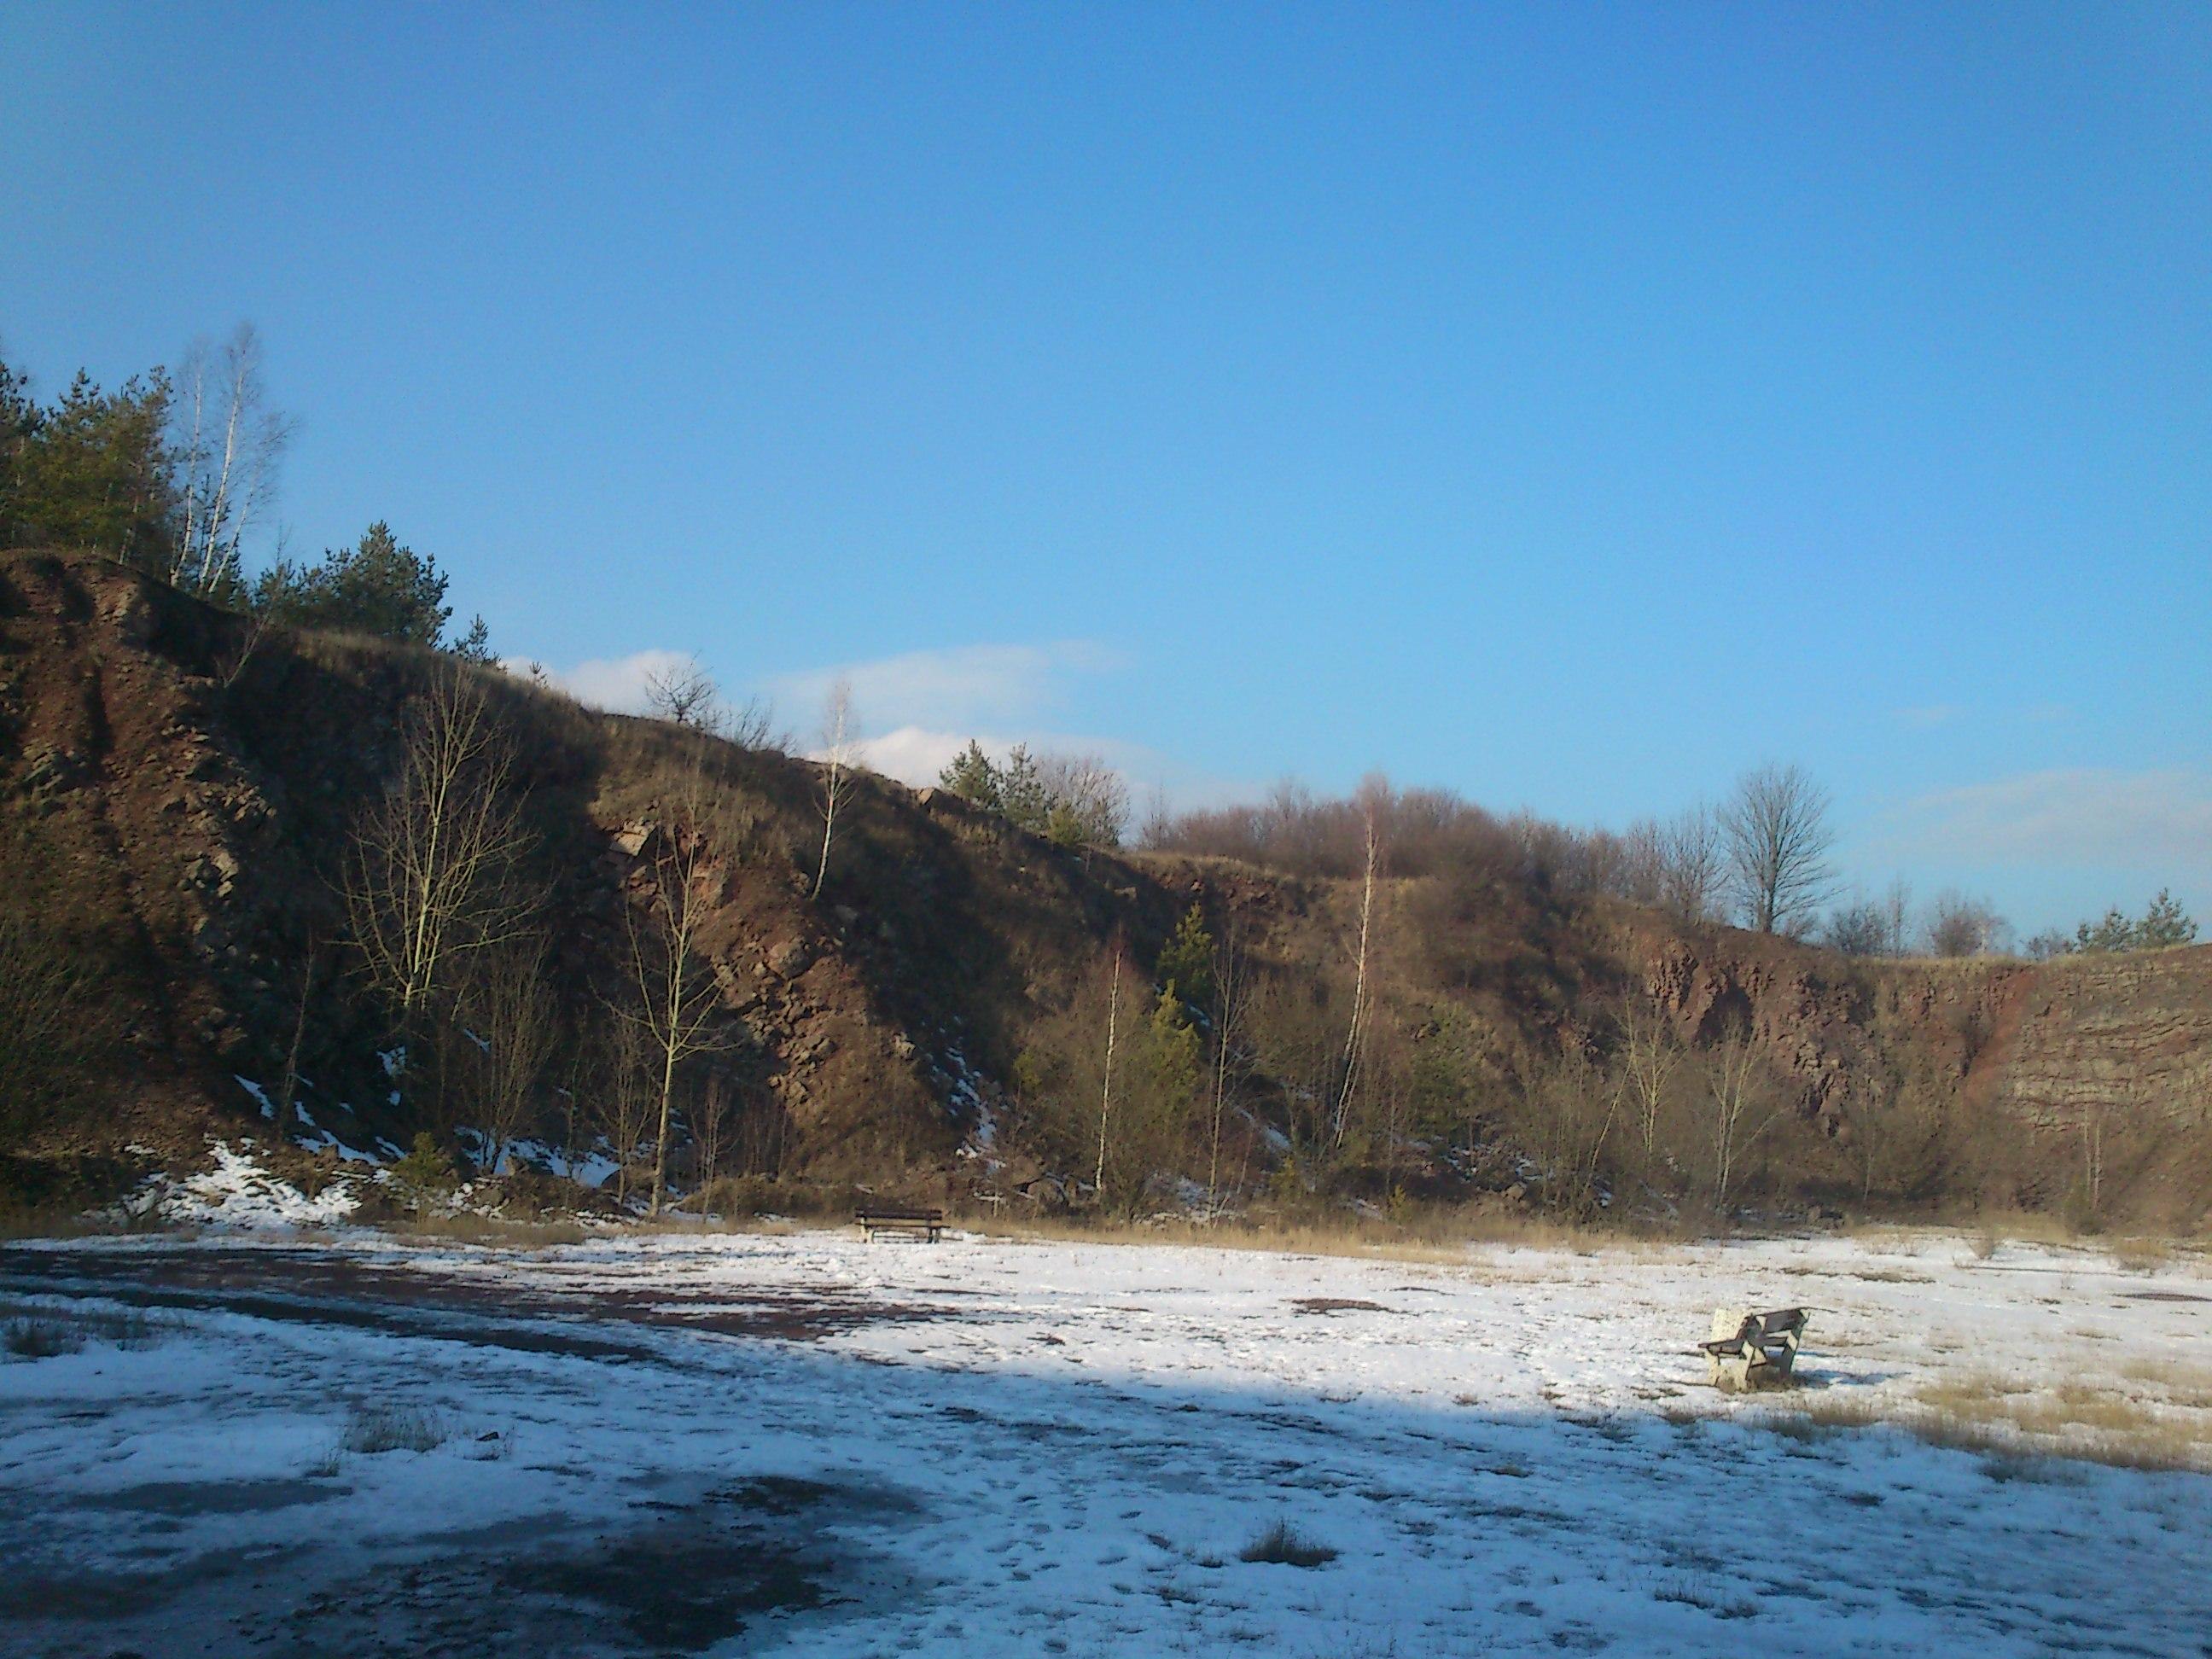 rezerwat-przyrody-zachelmie3